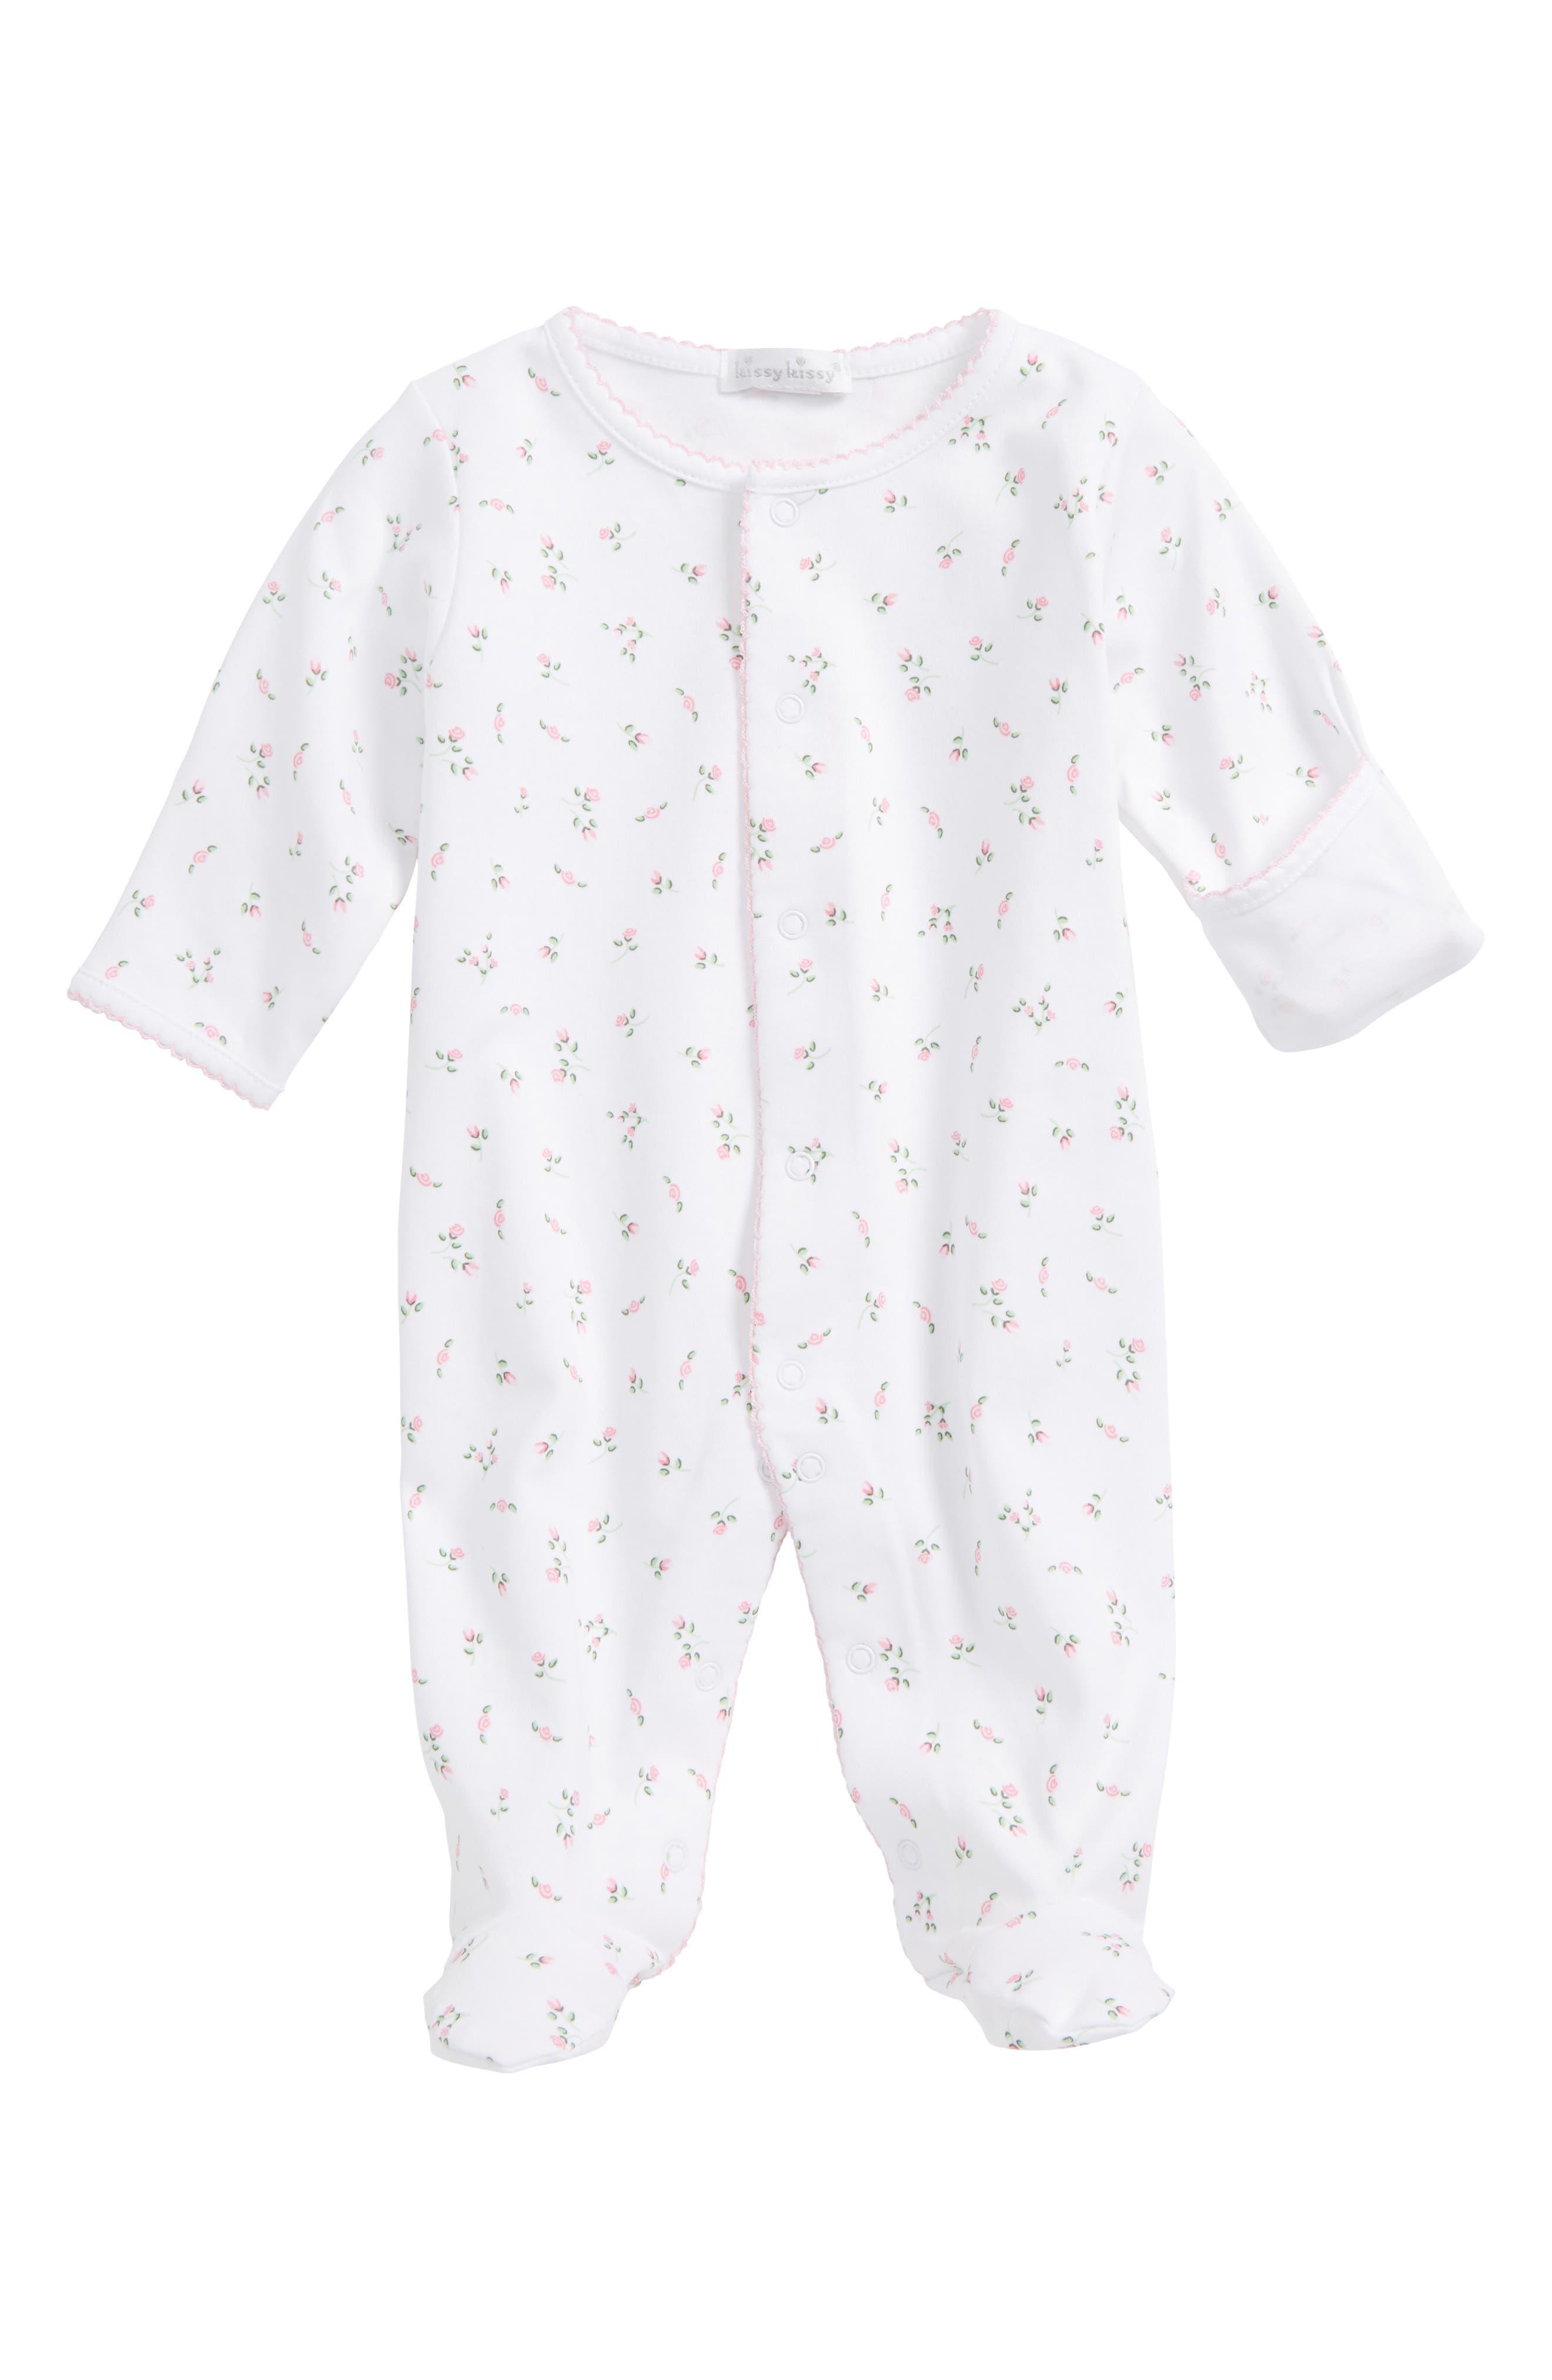 Kissy Kissy Baby Clothing | Nordstrom